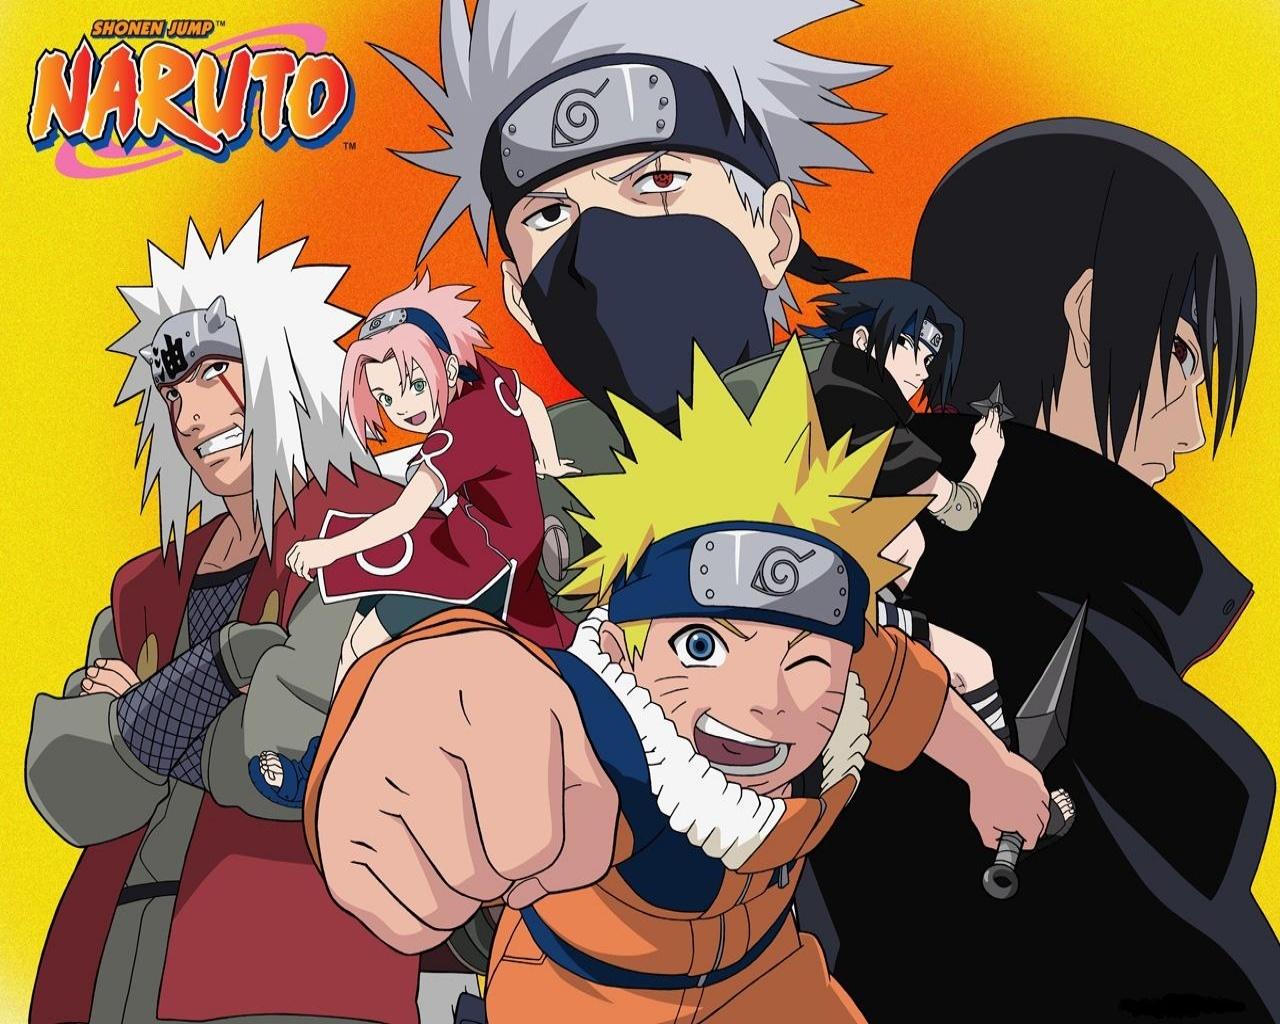 Drawn naruto naruto character Characters Naruto Naruto Drawing Drawing